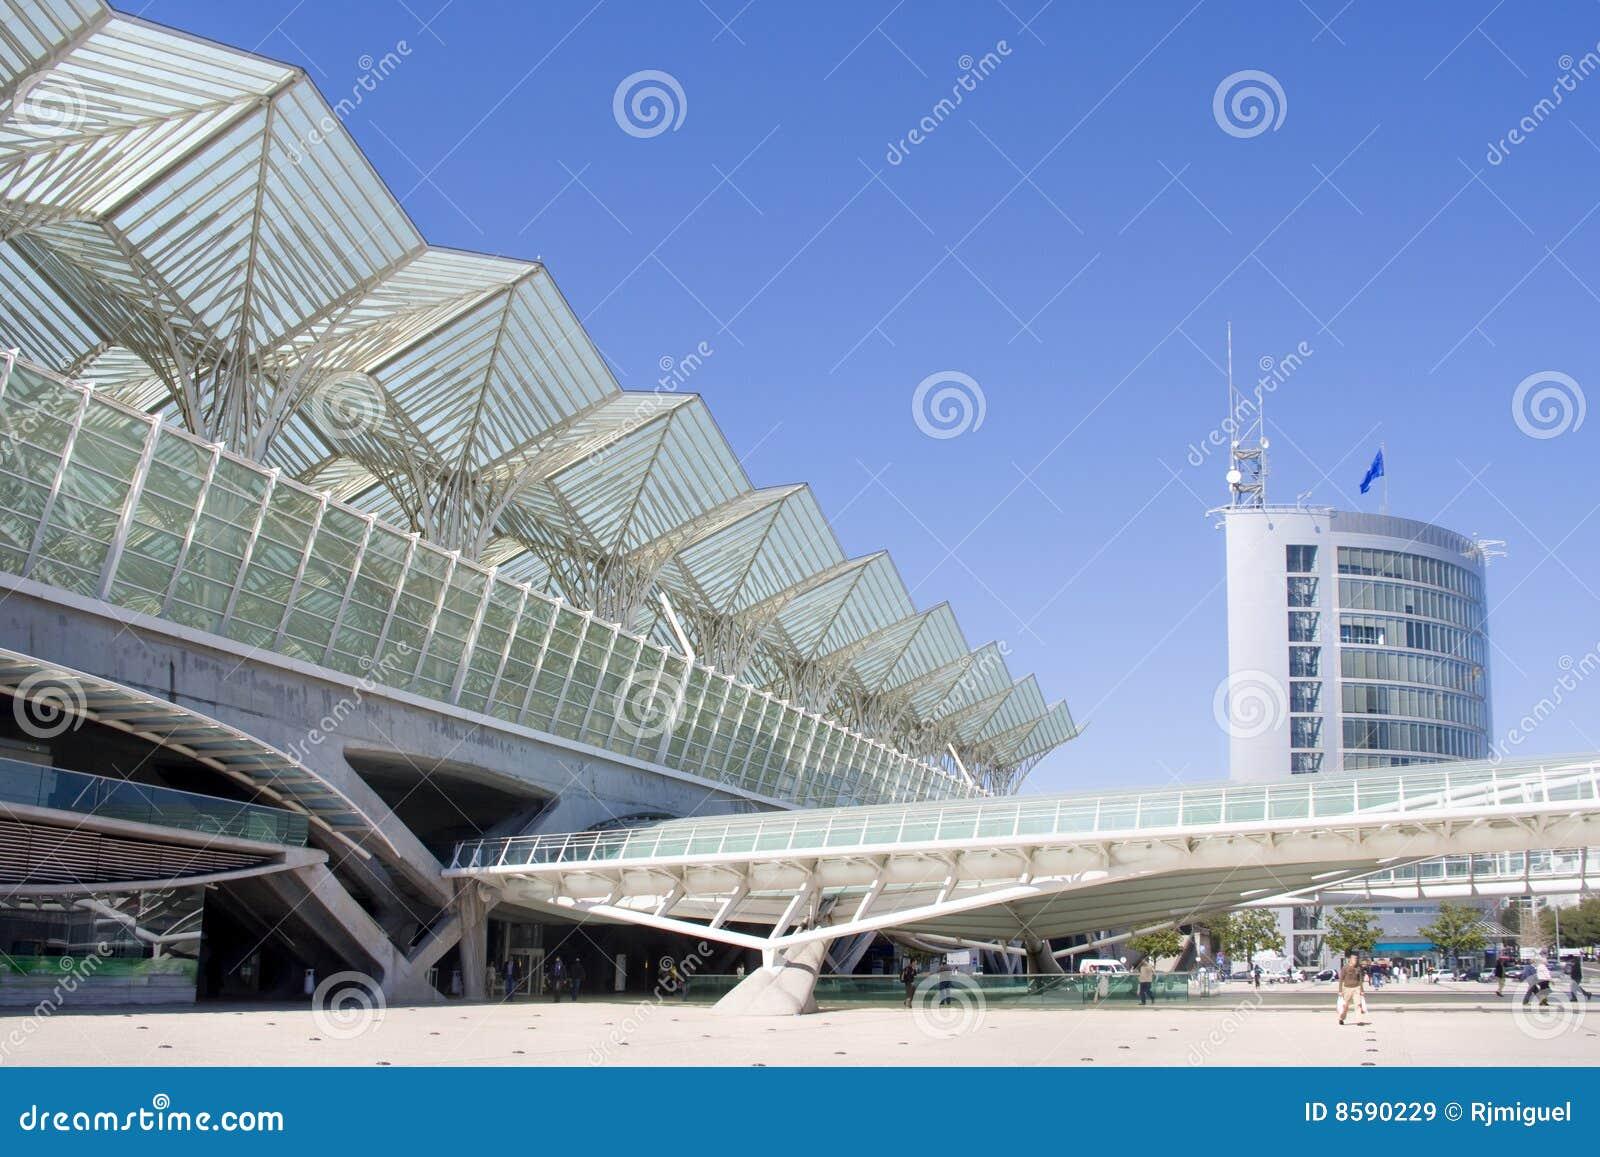 Centro de negócios do edifício moderno da arquitetura